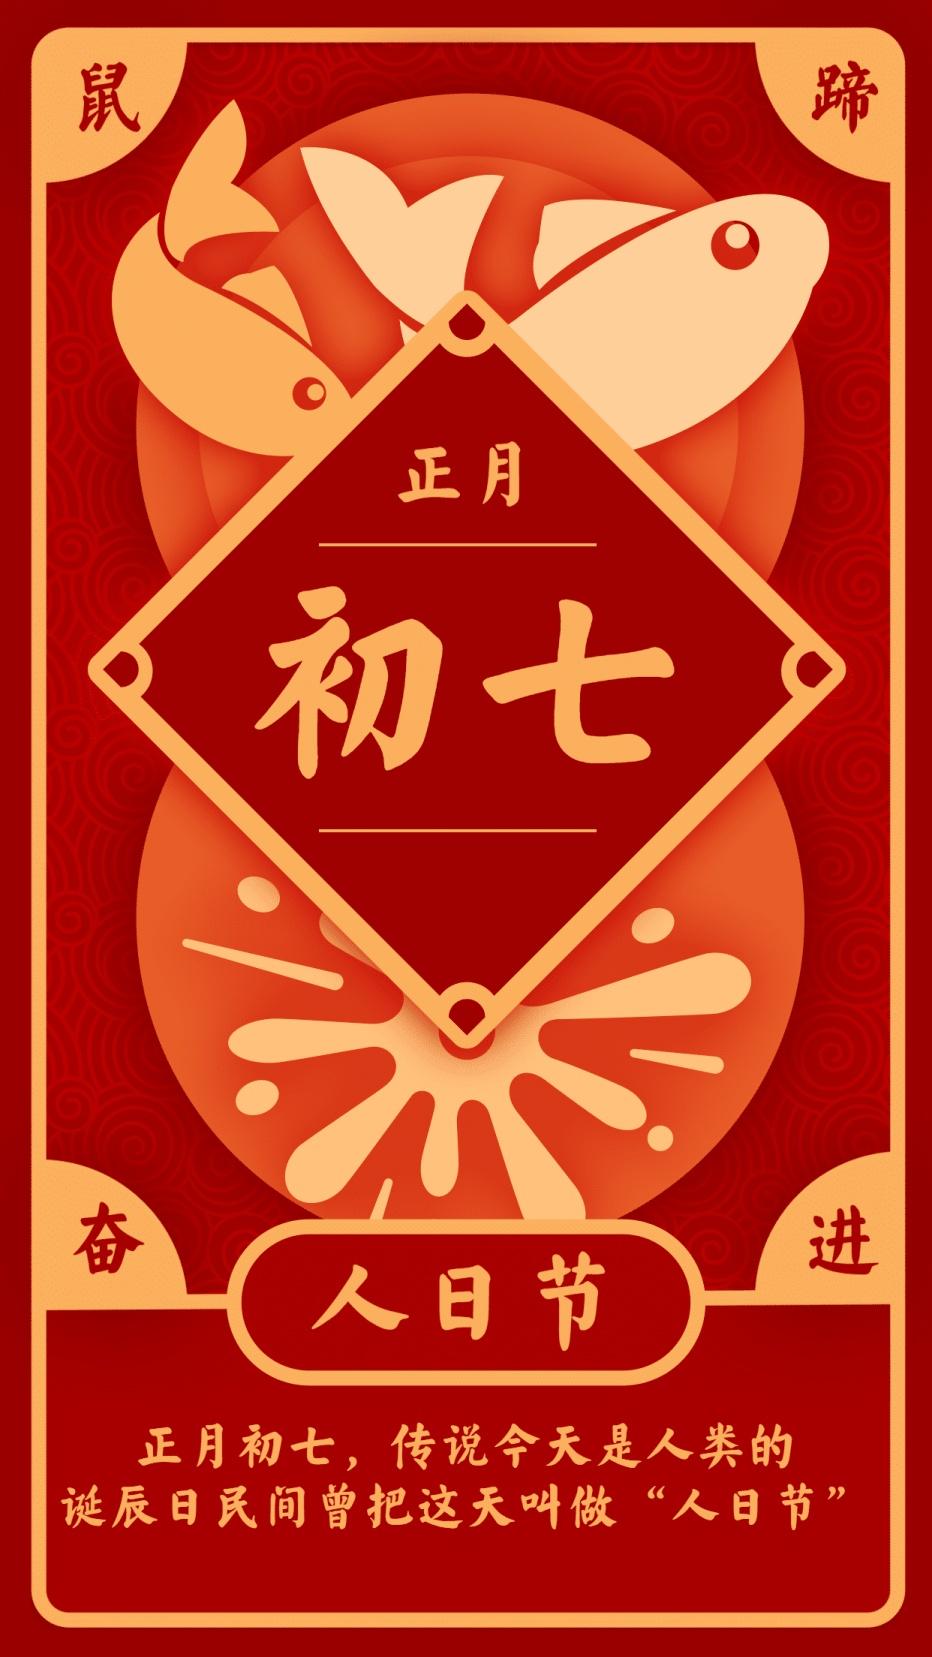 春节习俗/初七/喜庆中国风/手机海报